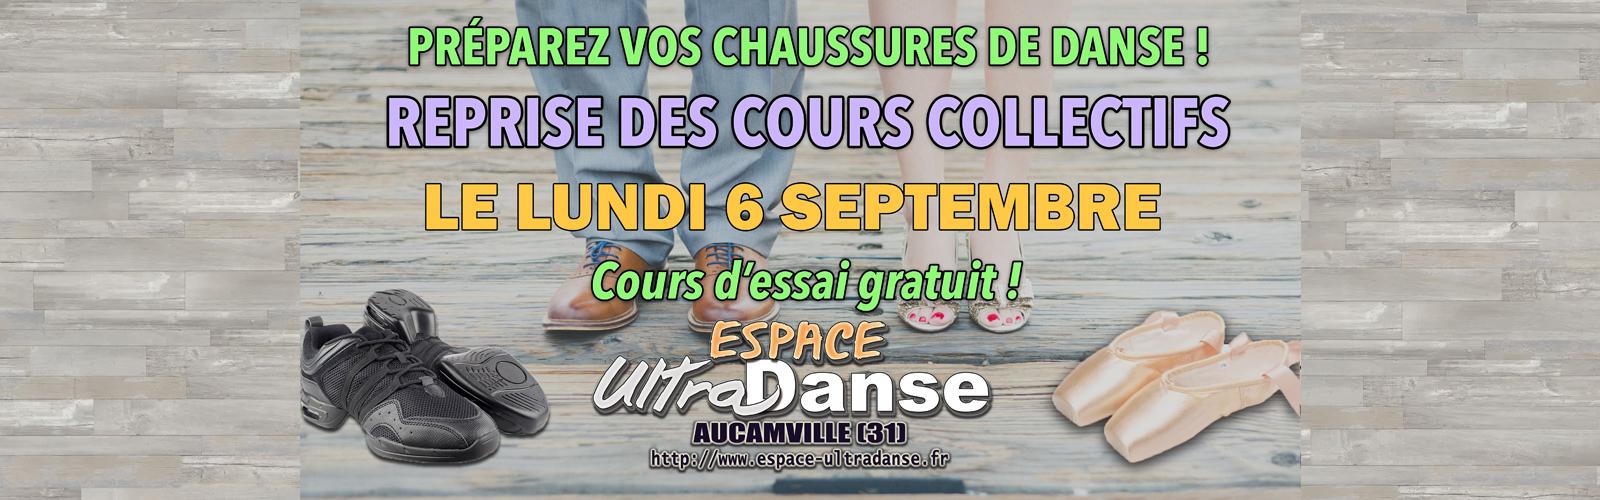 Rentrée des cours collectifs de danse le 6 septembre